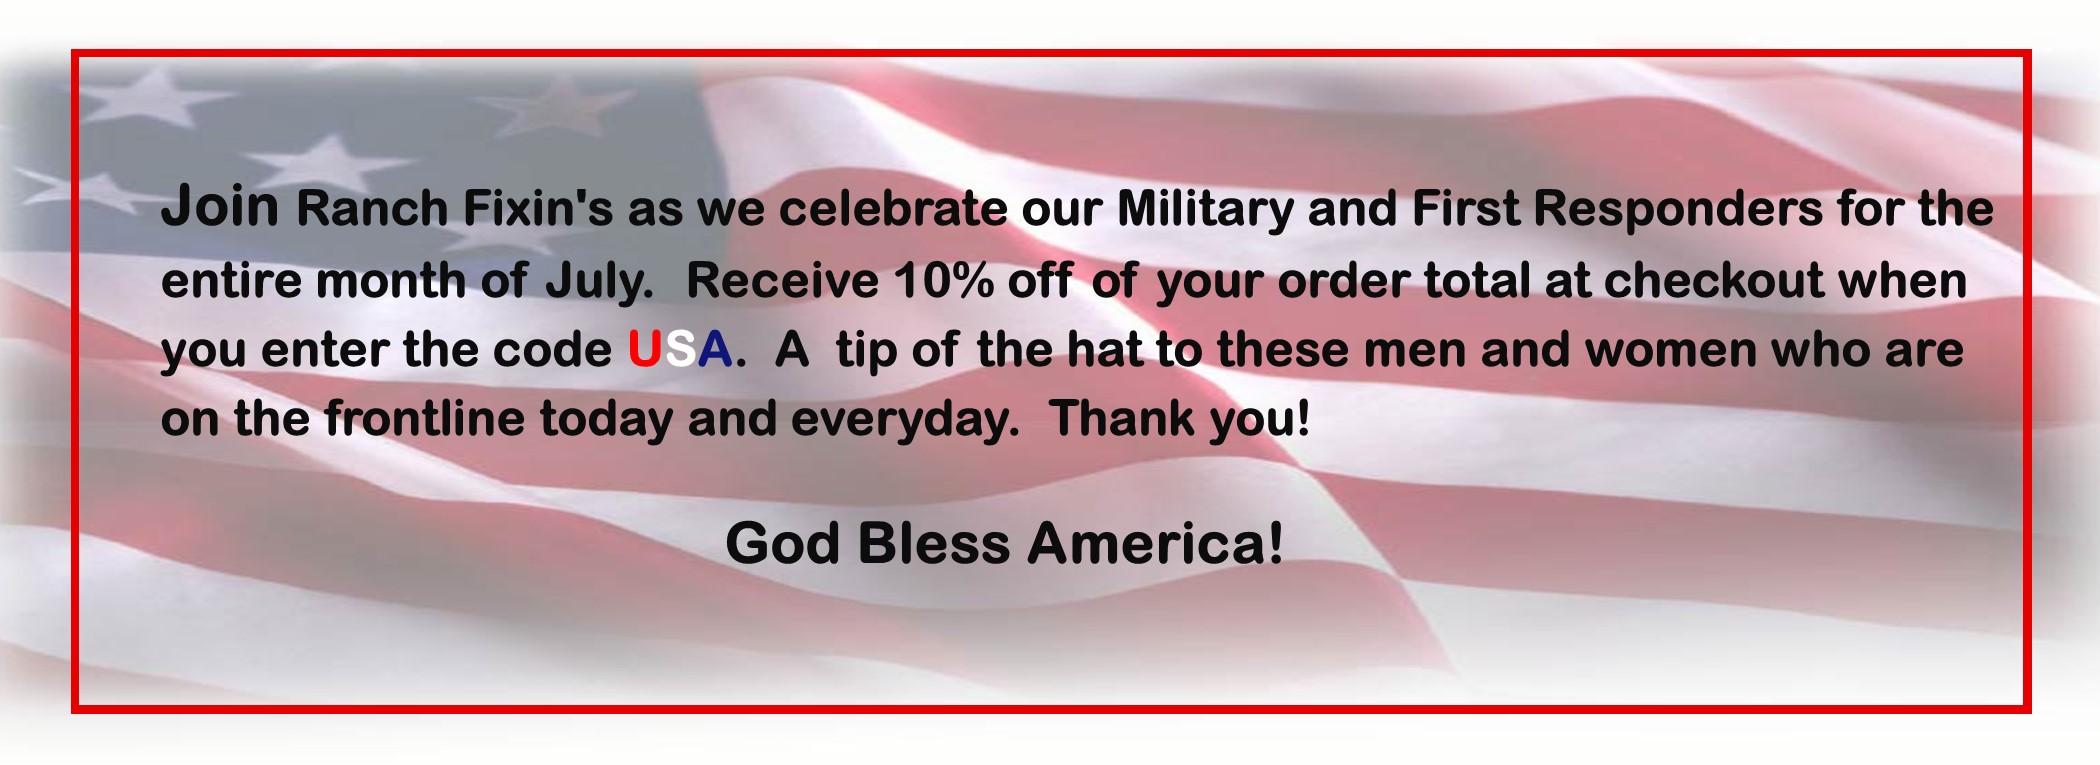 military-banner-website-july-2020invite.jpg